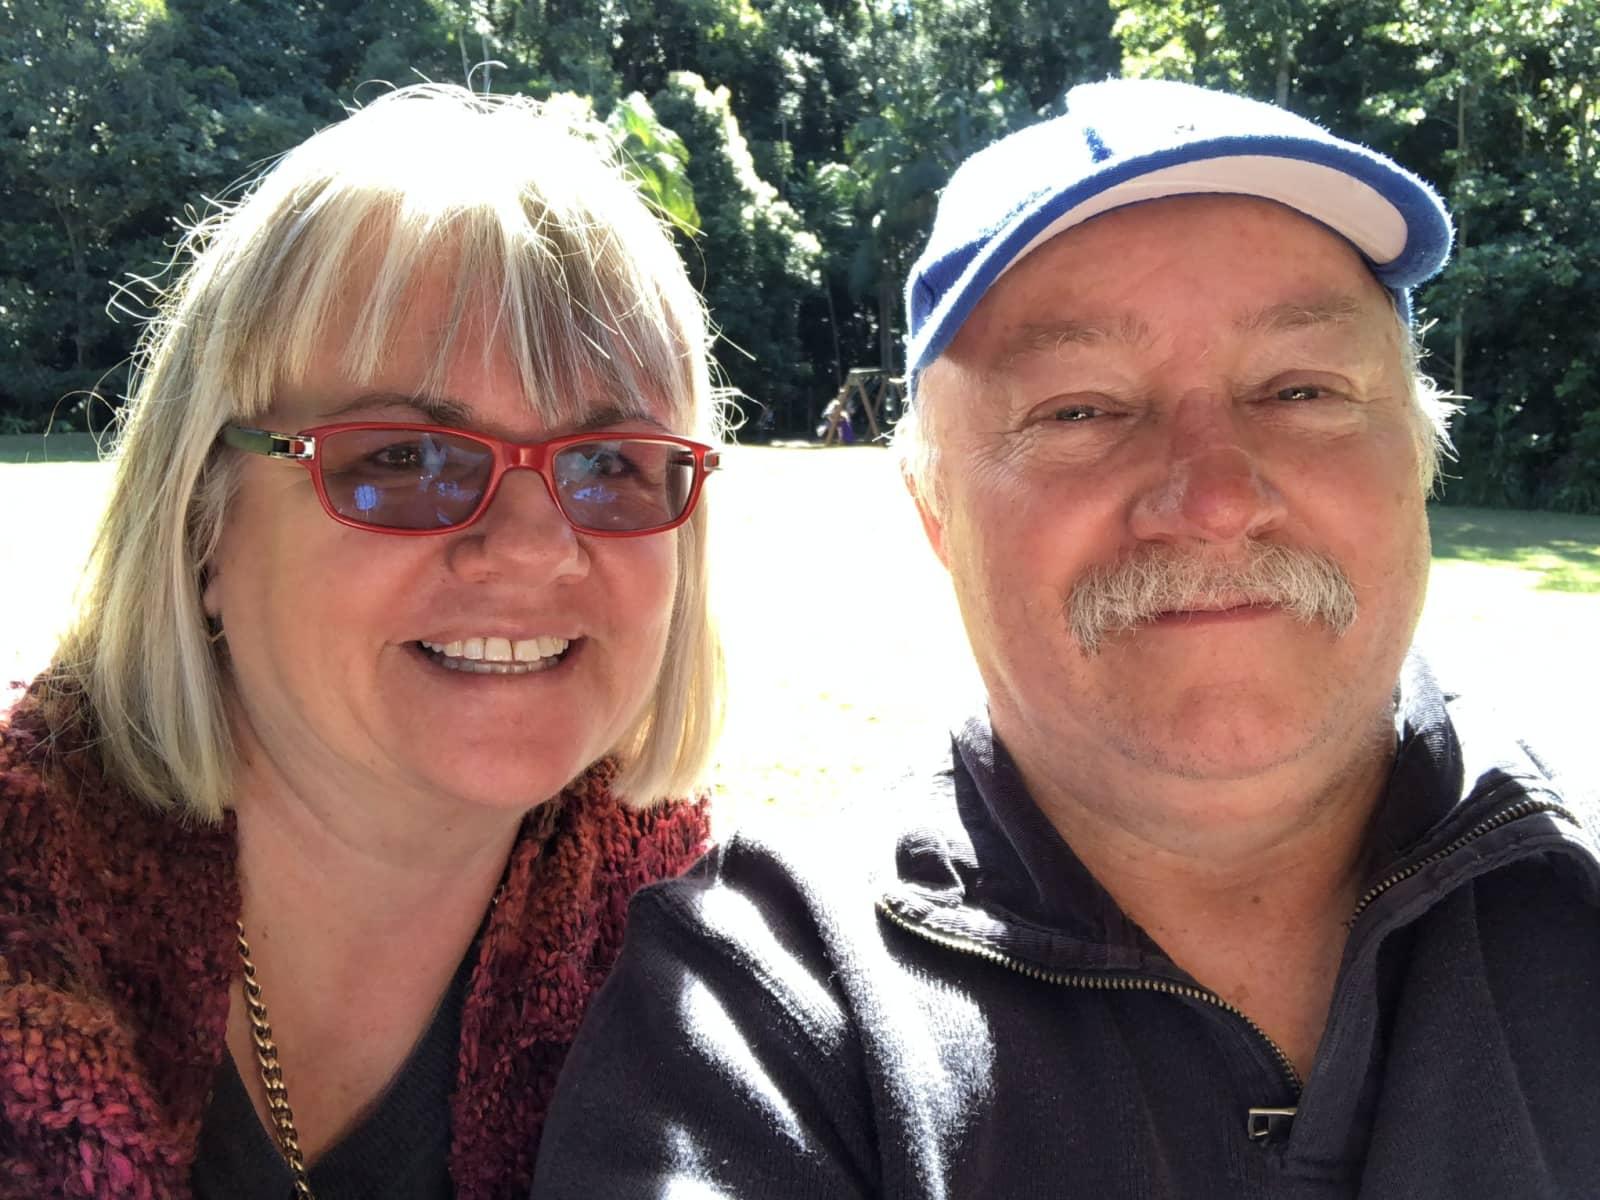 James & Jane from Brisbane, Queensland, Australia